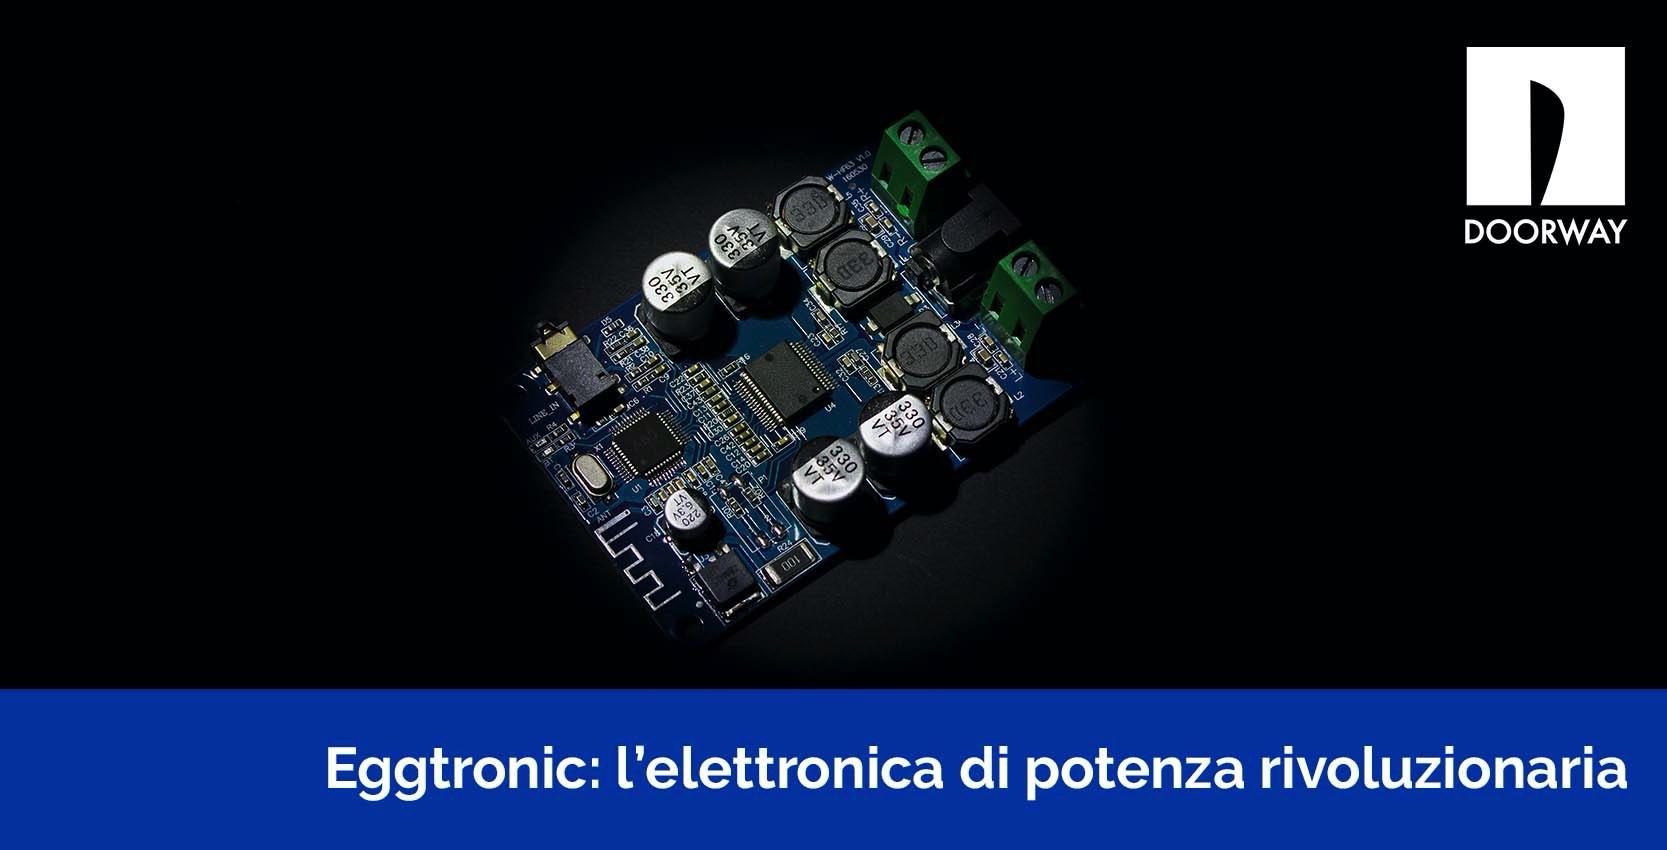 Eggtronic: l'elettronica di potenza rivoluzionaria